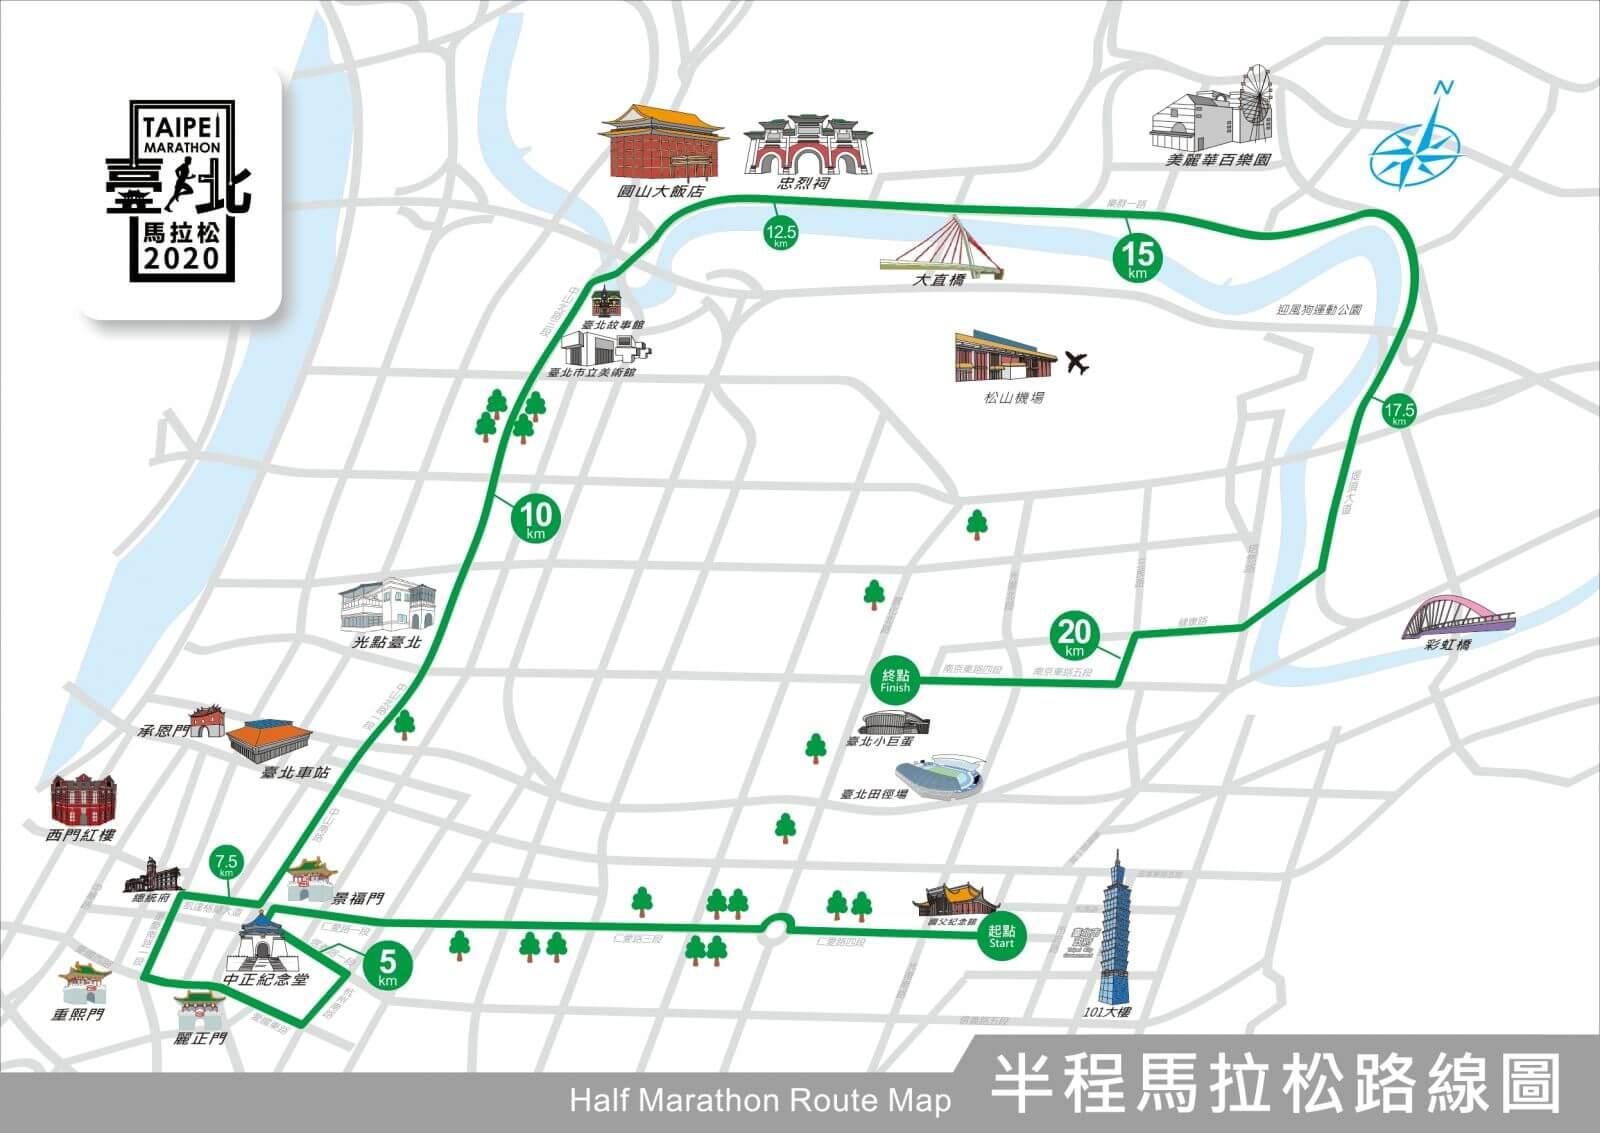 台北馬拉松 半程馬拉松組